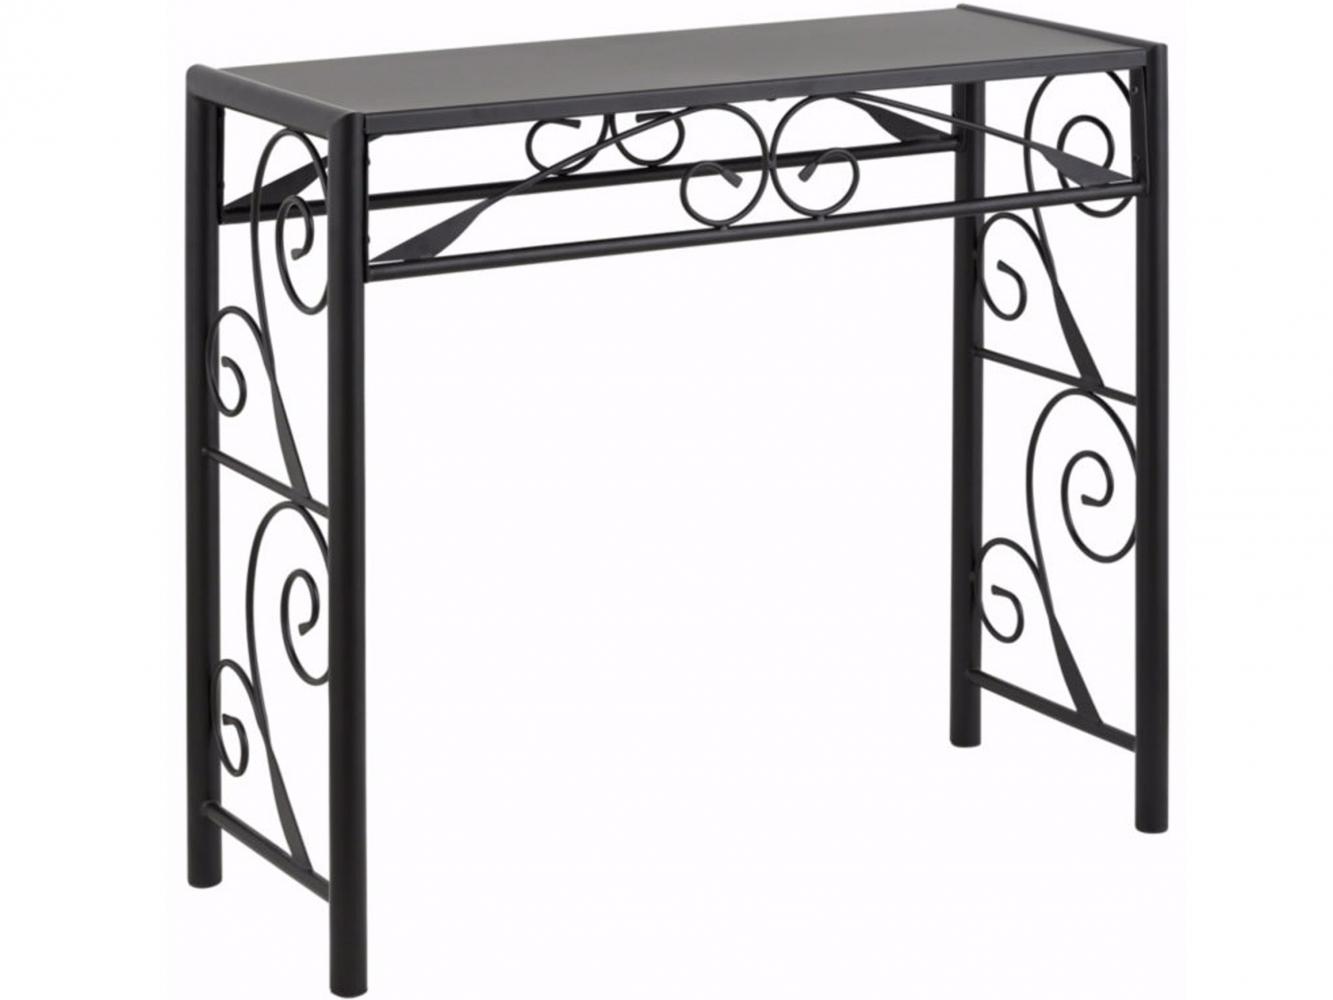 Konzolový stůl Dion, 90 cm, černá